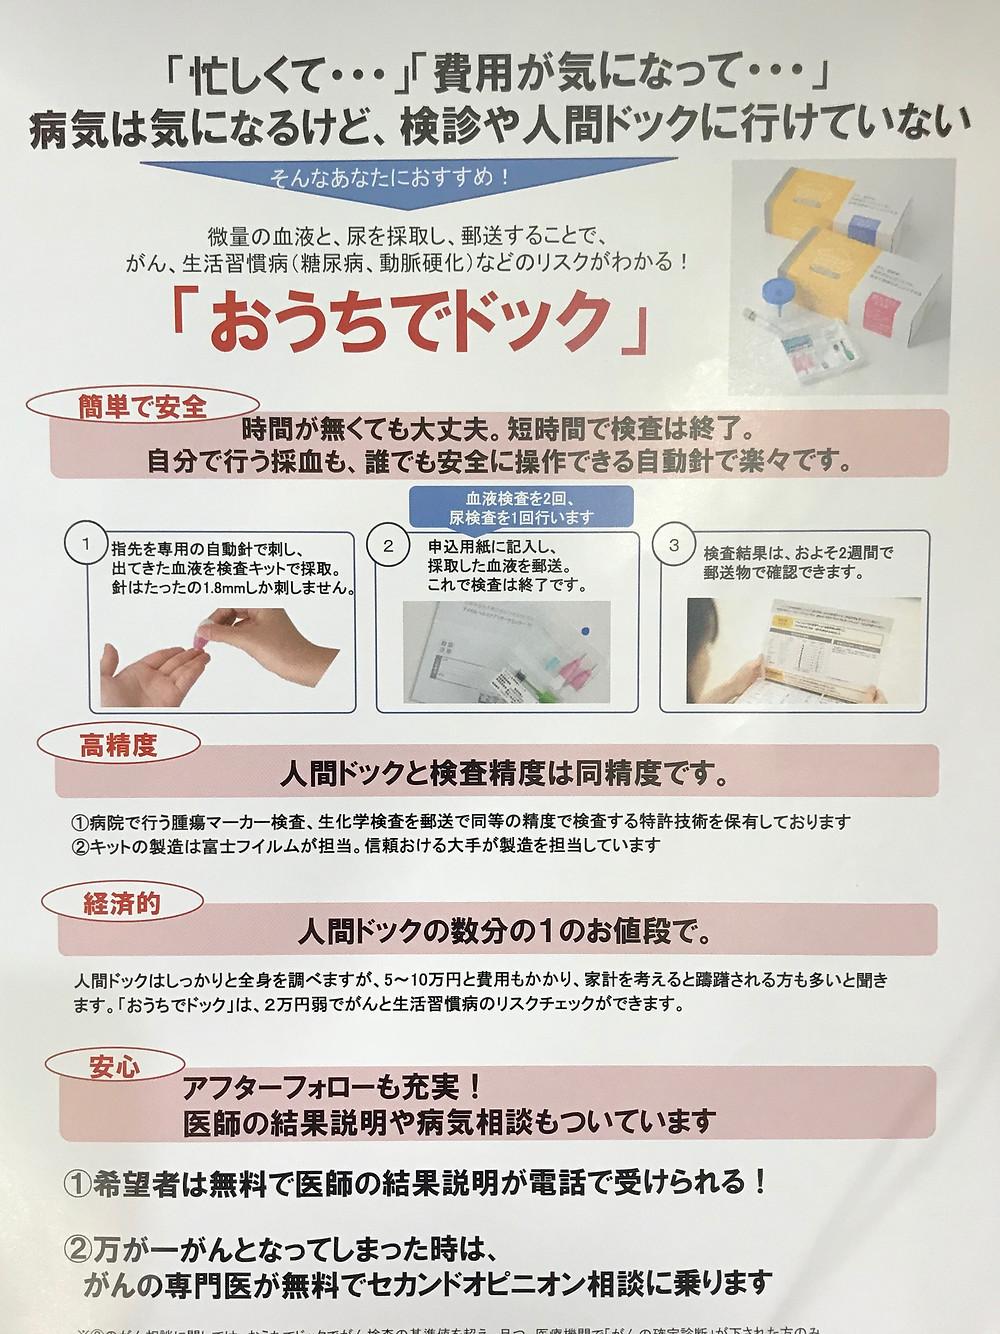 おうちでドック 検診 自宅 人間ドック 札幌 薬局